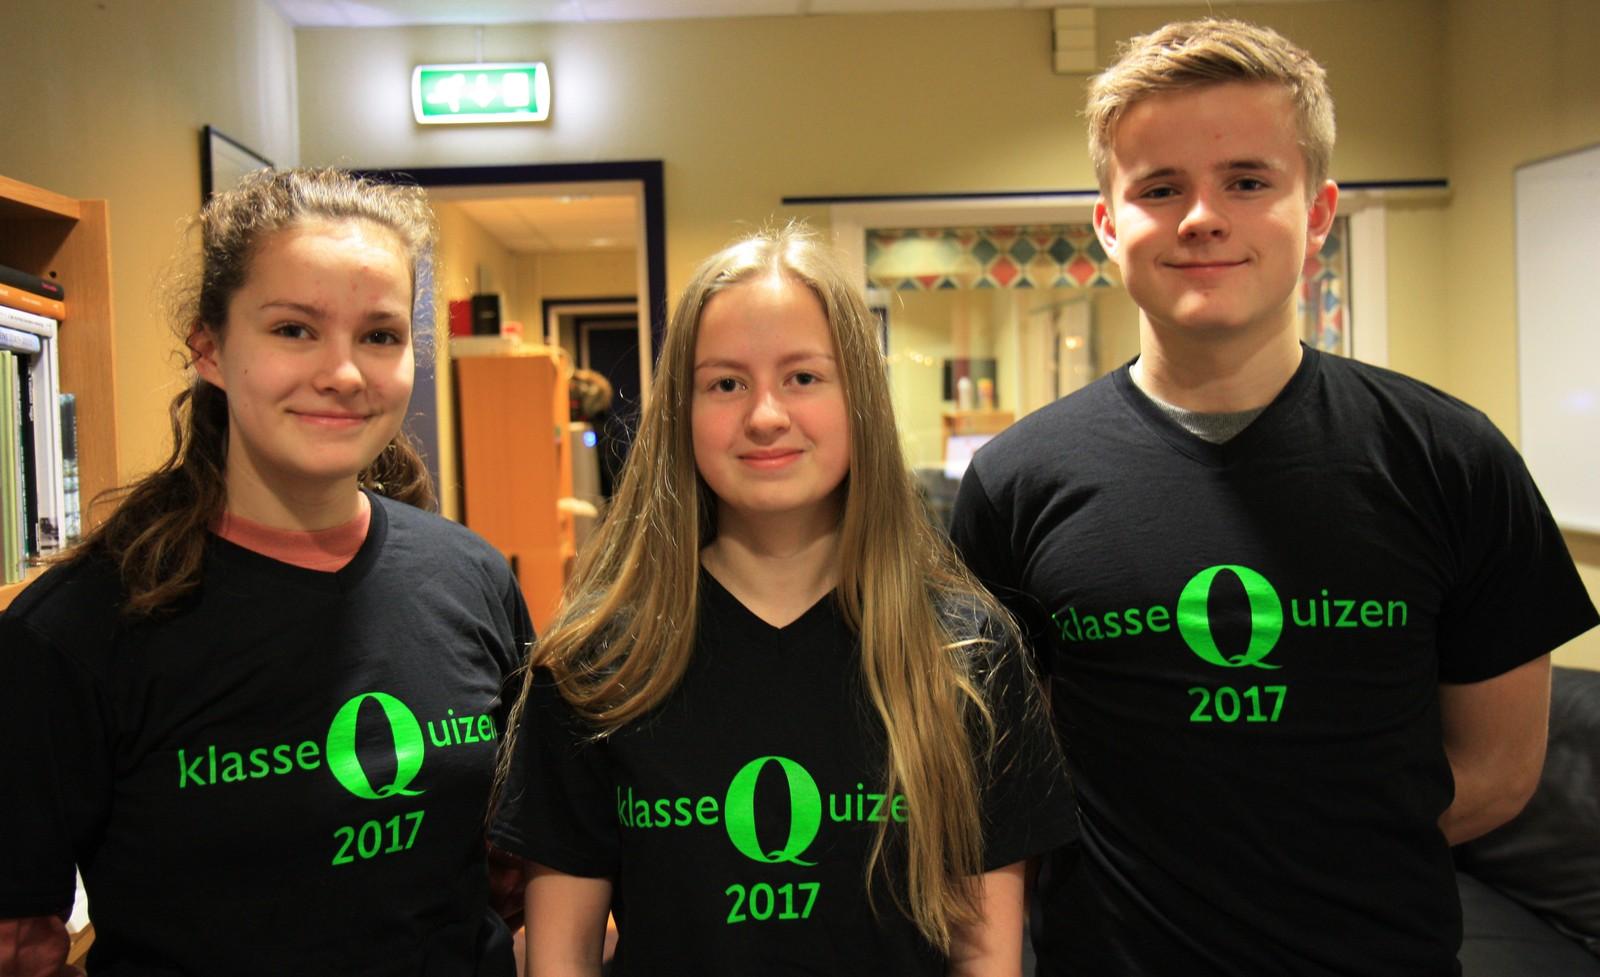 Havåsen skole fikk 9 poeng. laget besto av Ina Gräfe, Tiril Olaussen og Jørgen Bjønsaas Pedersen.